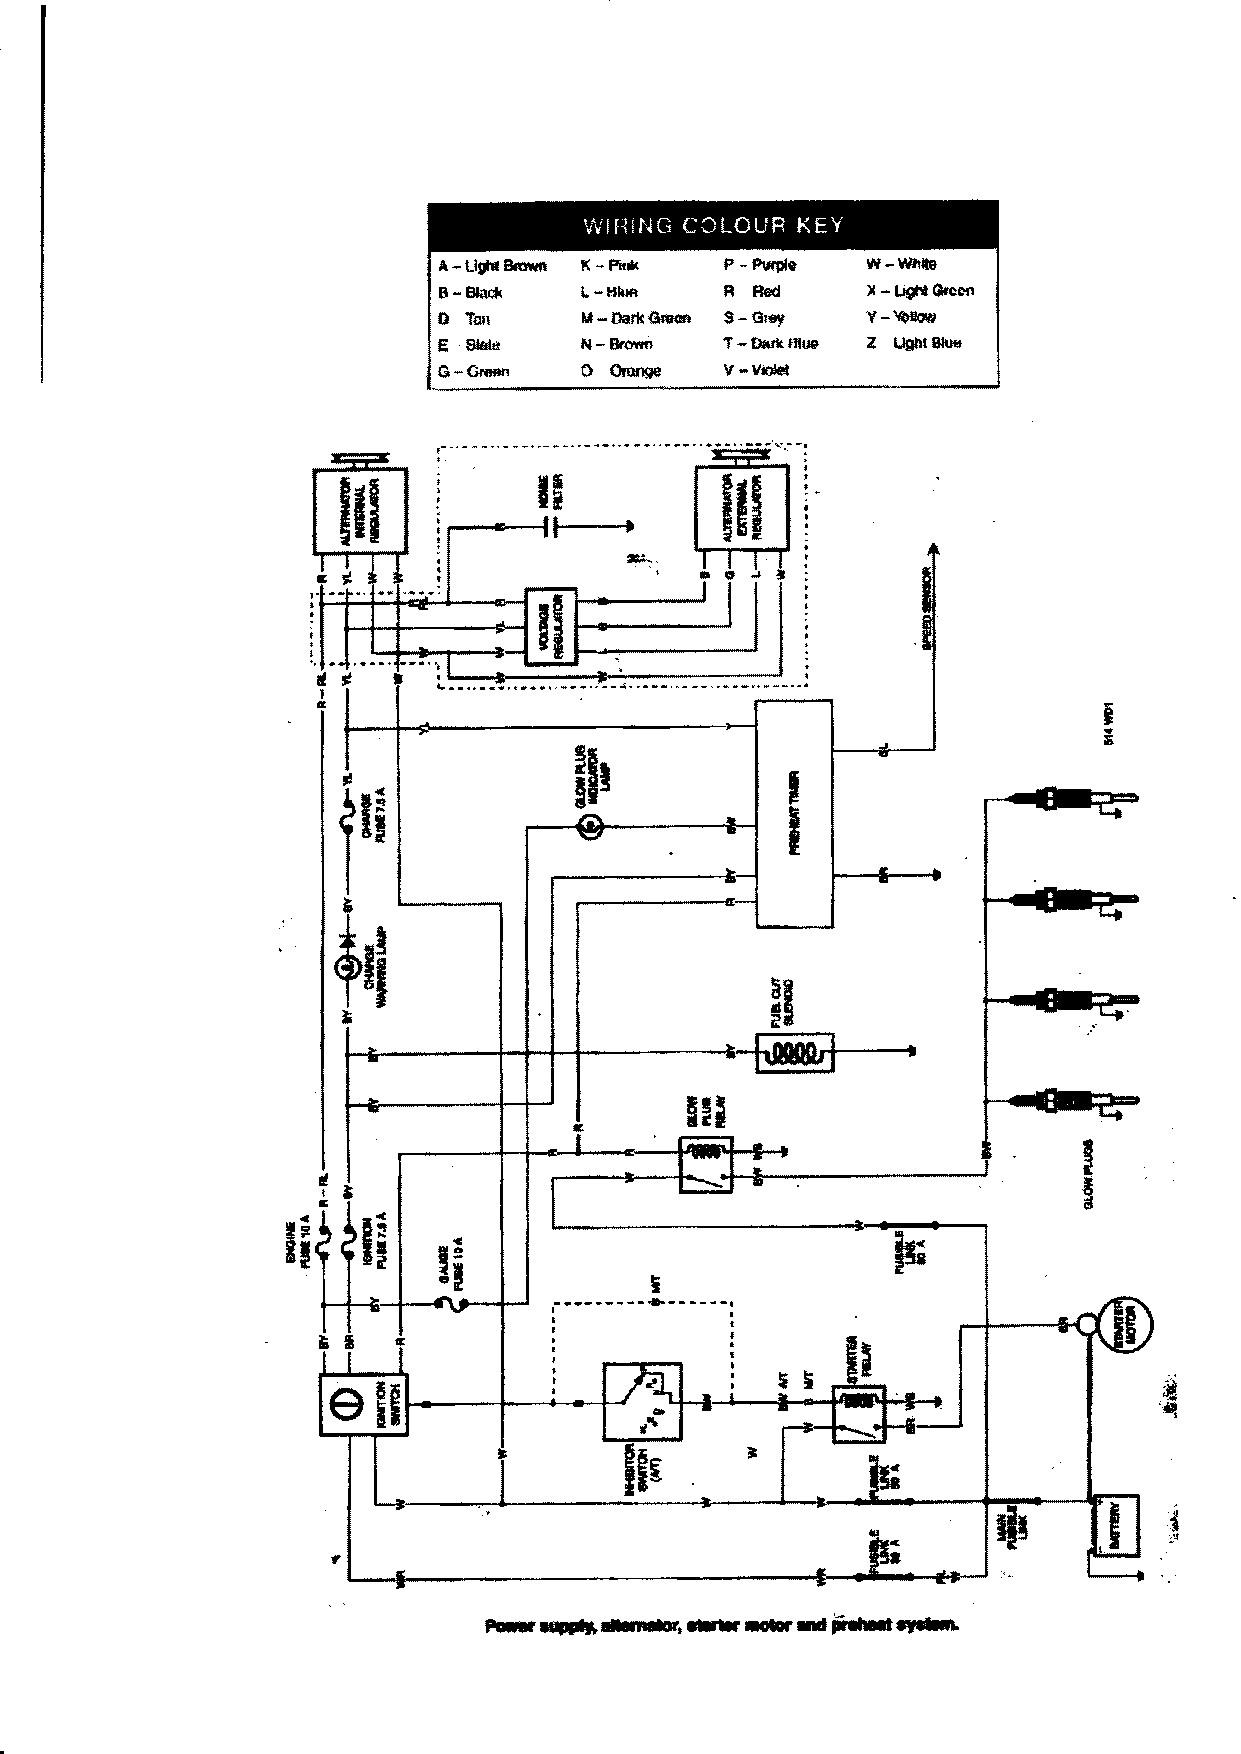 Patrice Benoit Art: [Get 33+] Electrical Wiring